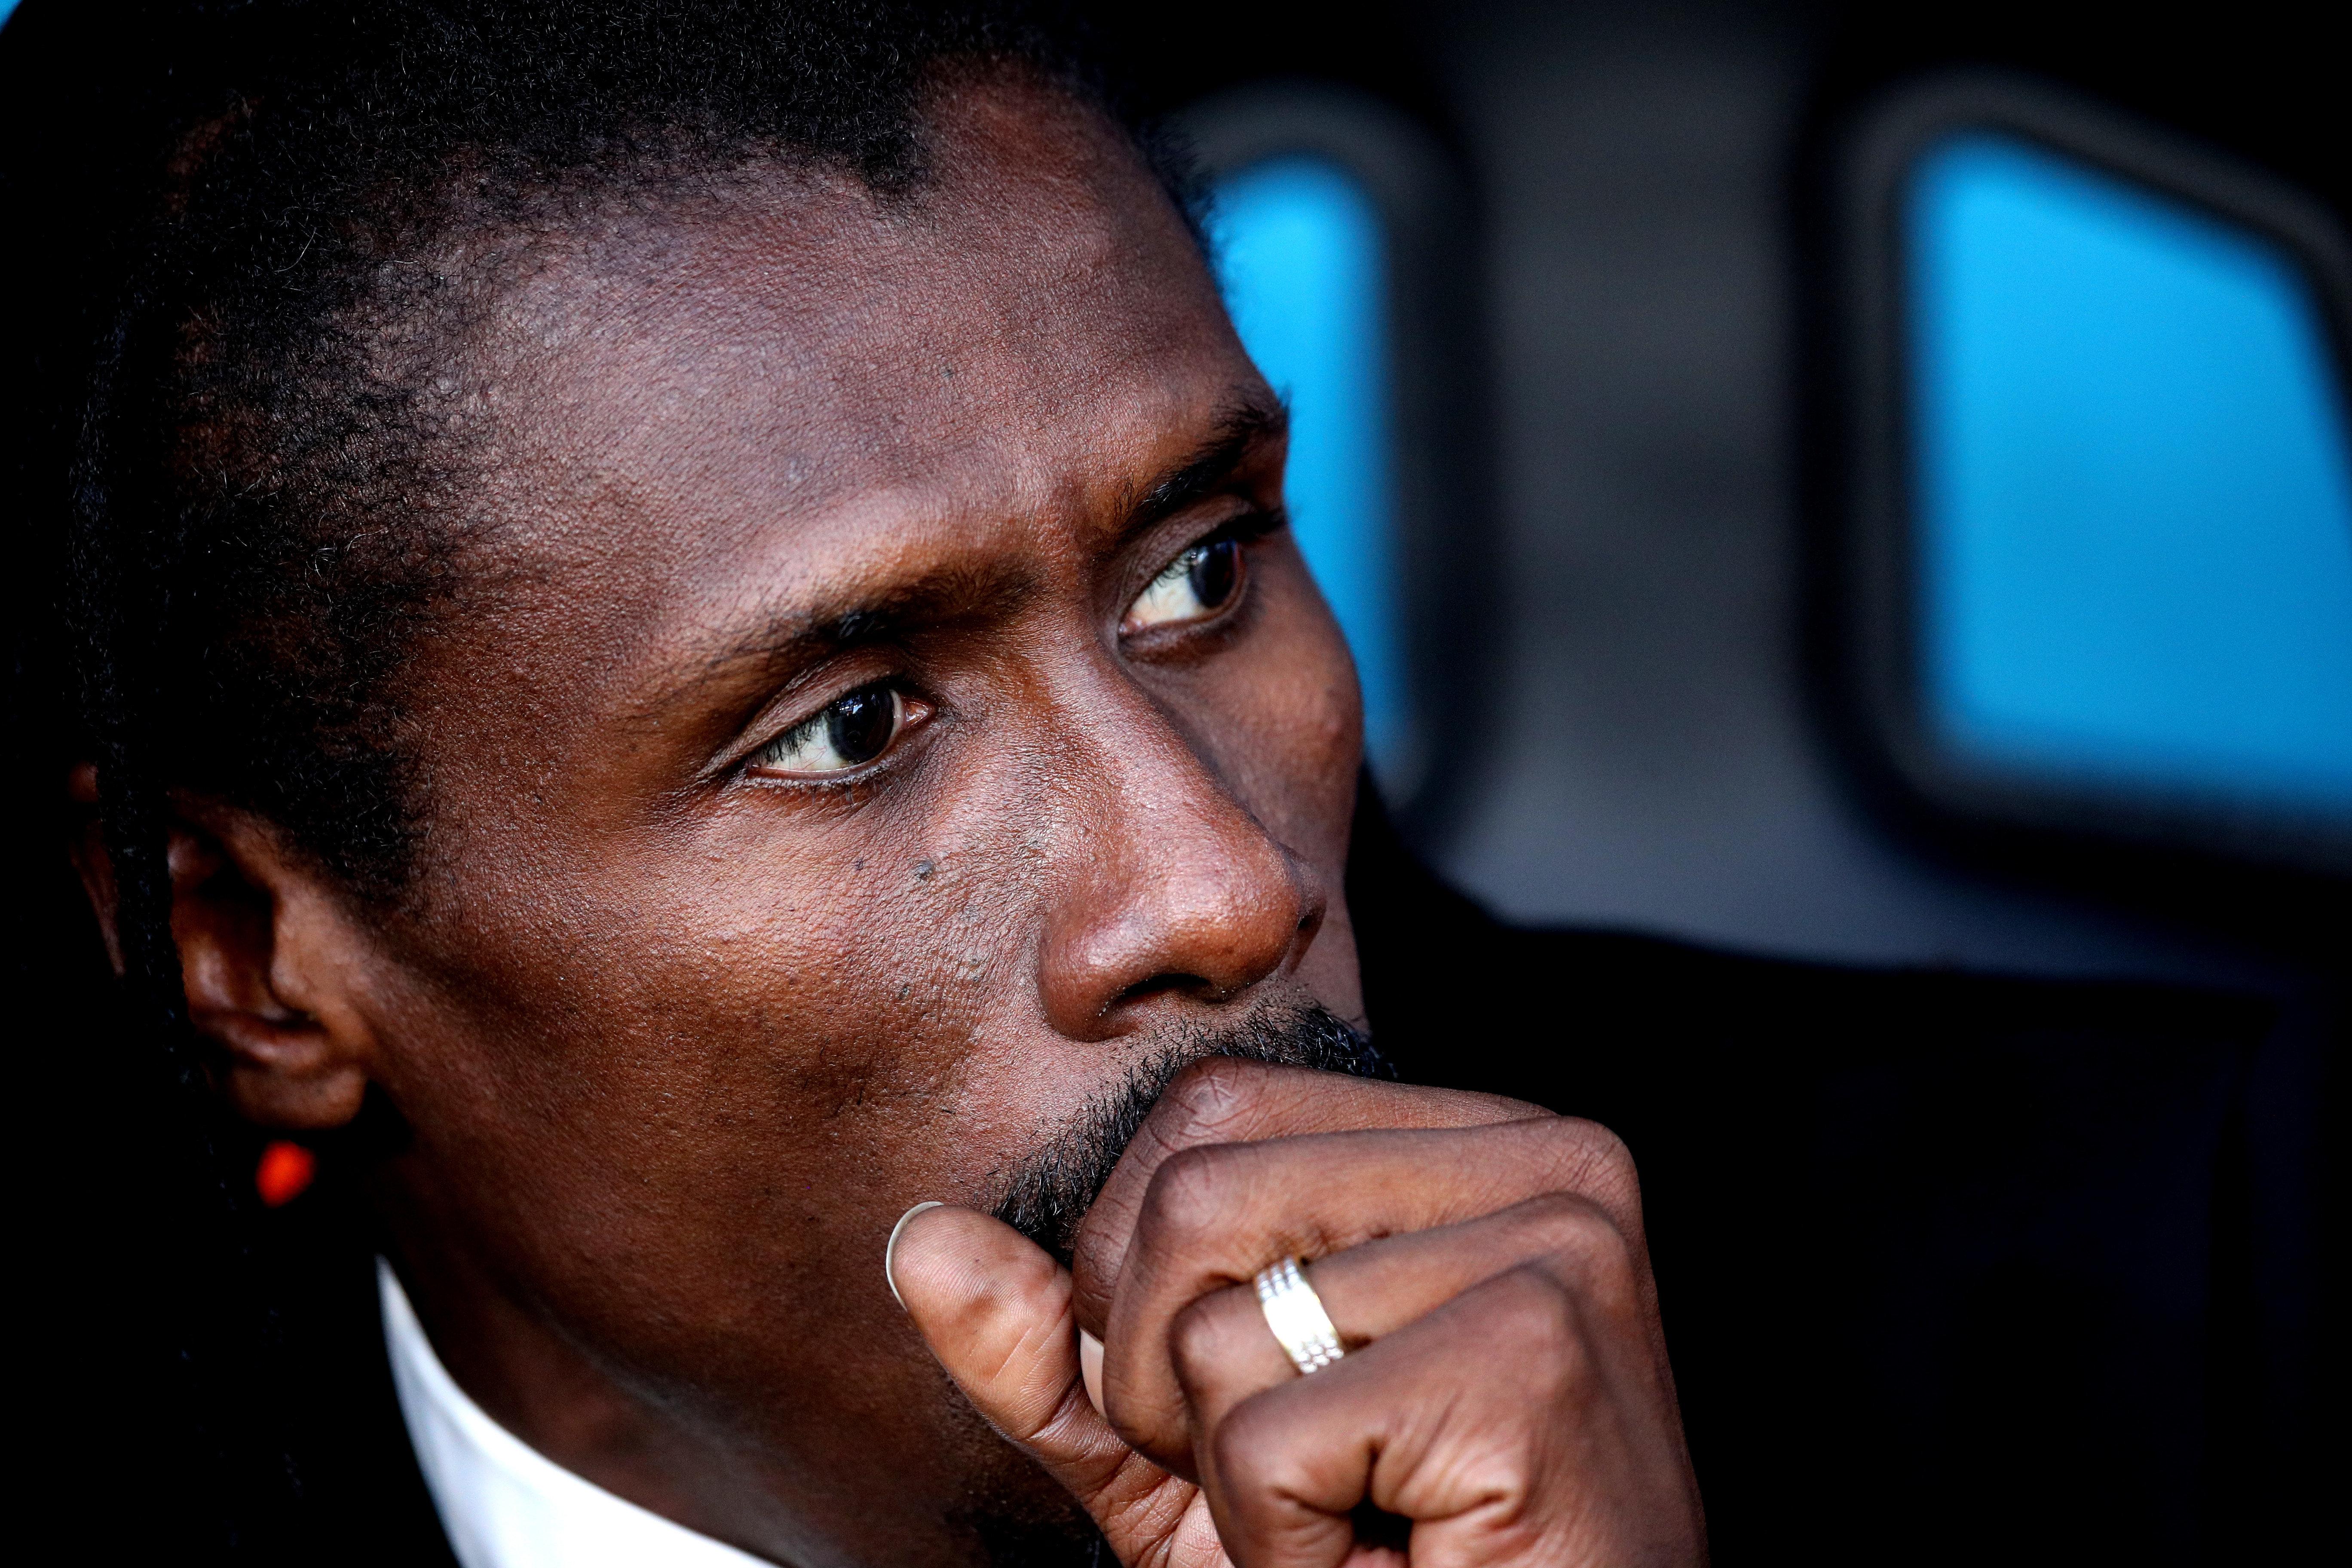 세네갈이 FIFA에 항의 서한을 보낸